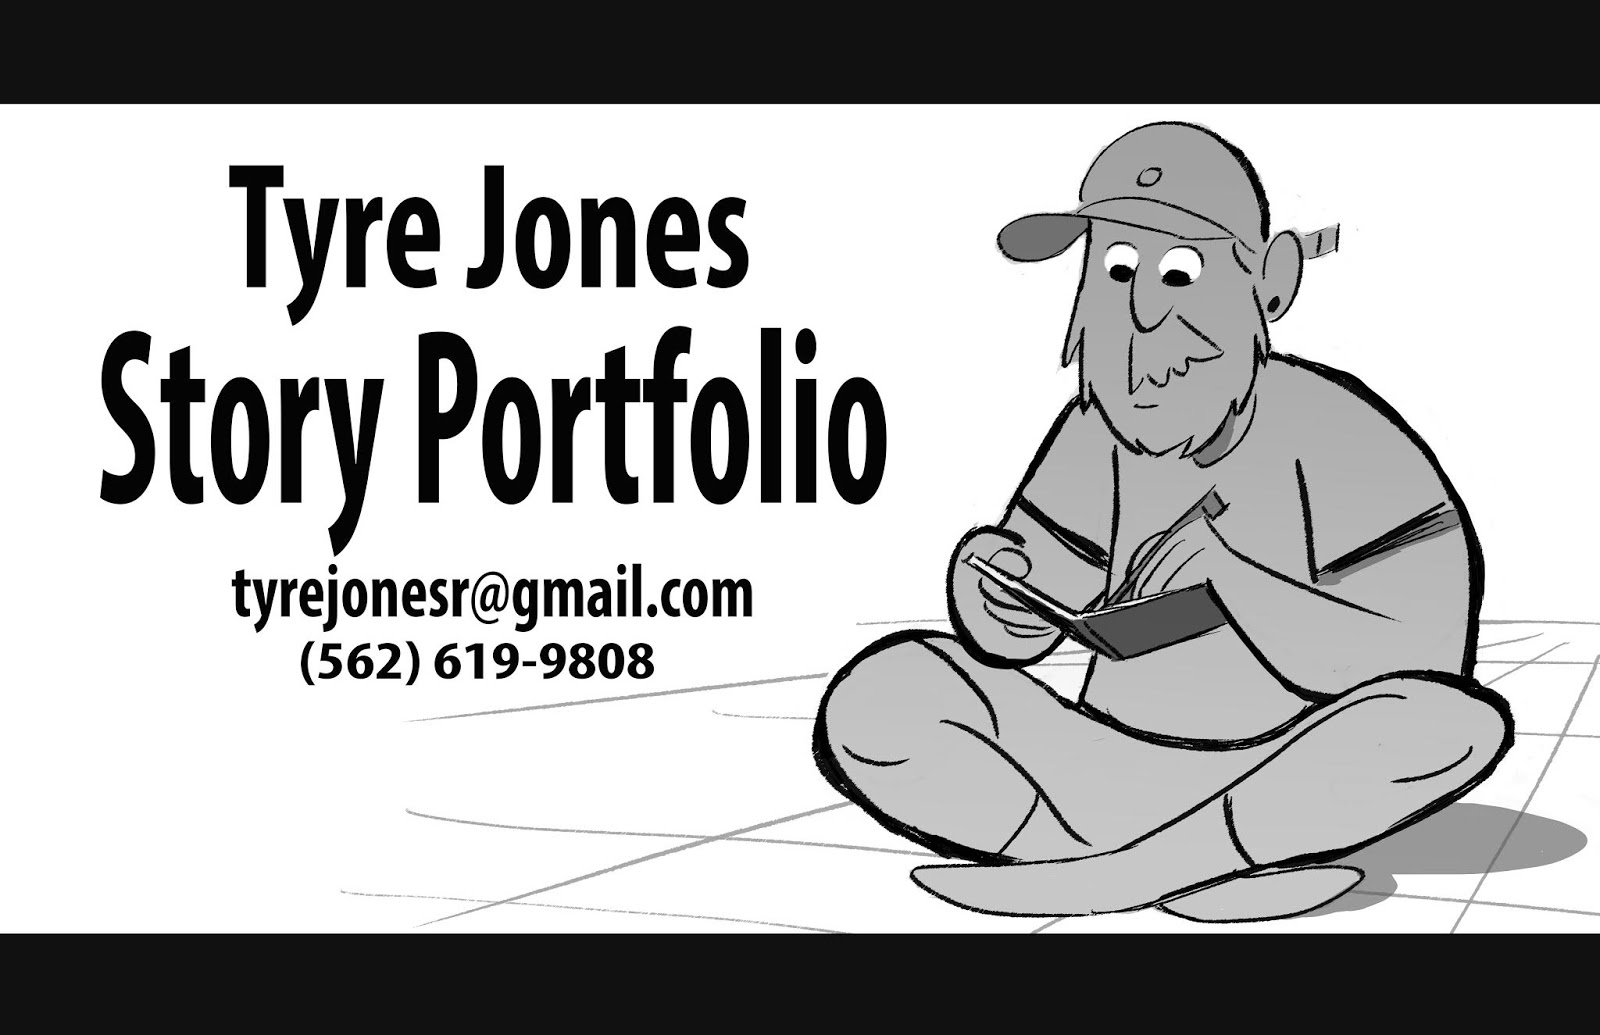 Tyre Jones Portfolio